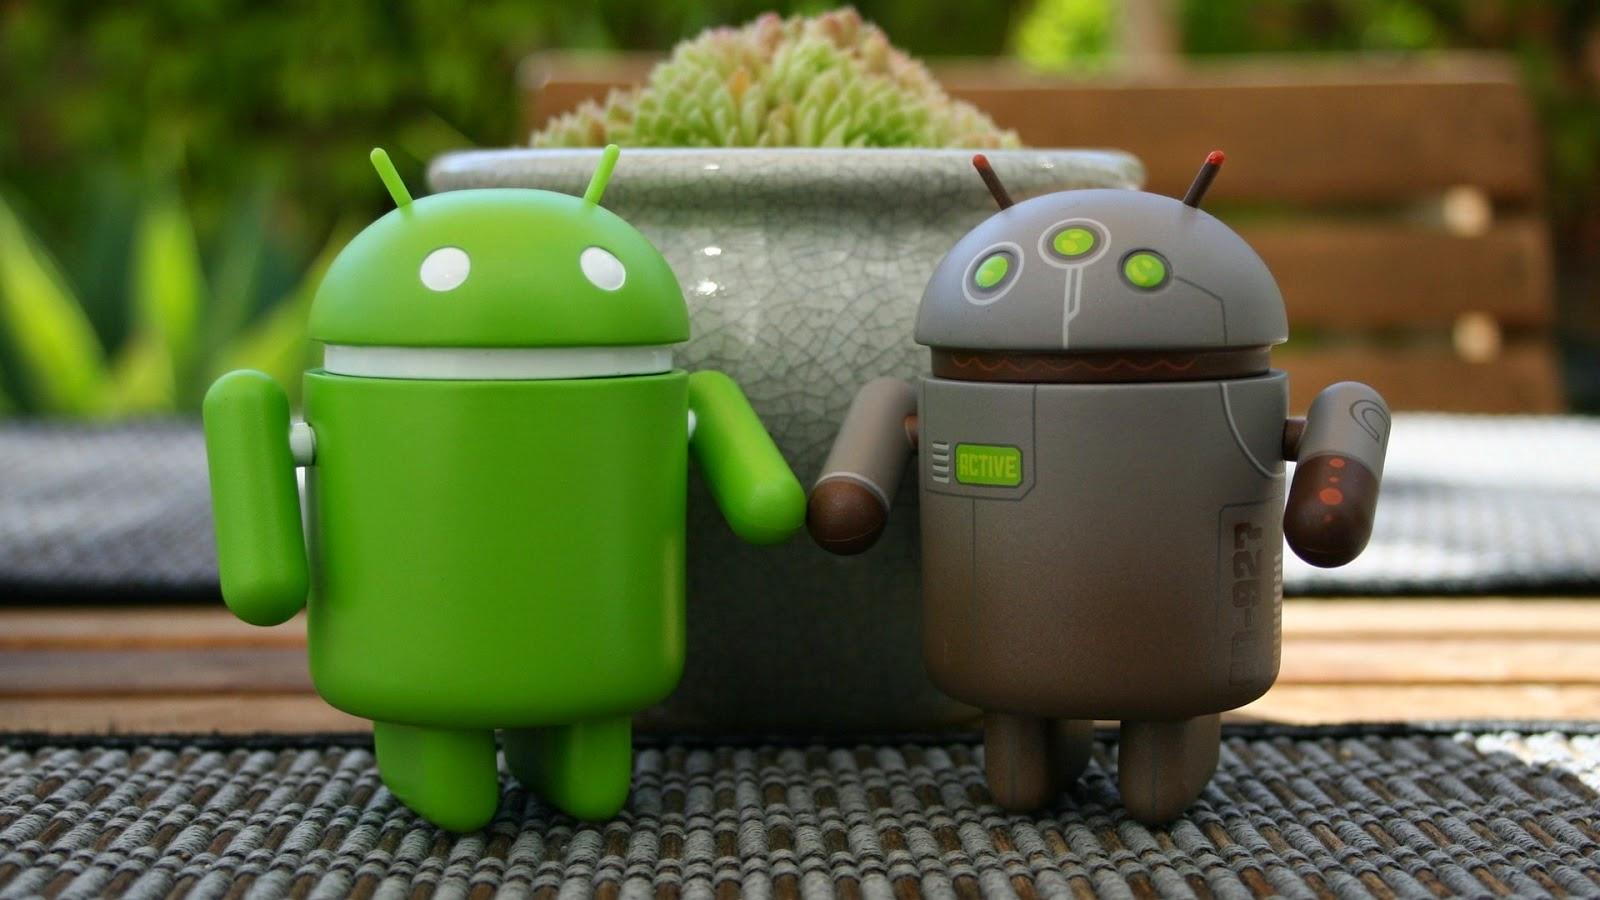 Android green Computer Desktop HD Pics Download